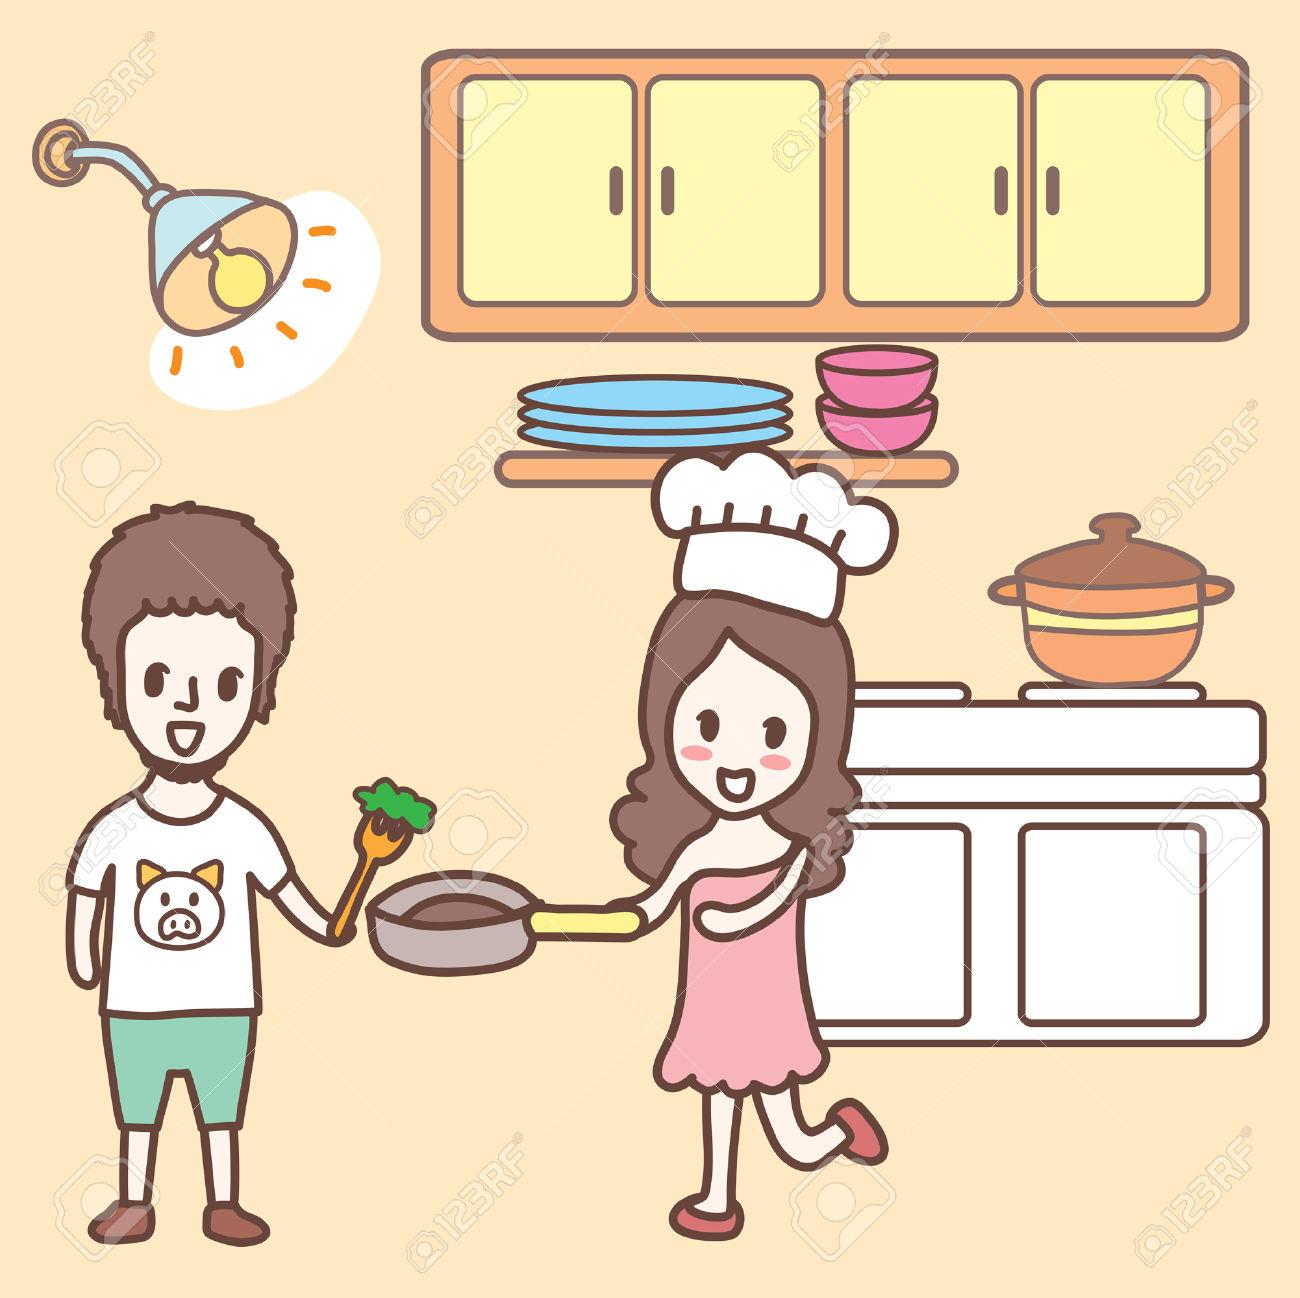 C u 1 trang 42 sgk gdcd l p 12 for Cocinar imagenes animadas